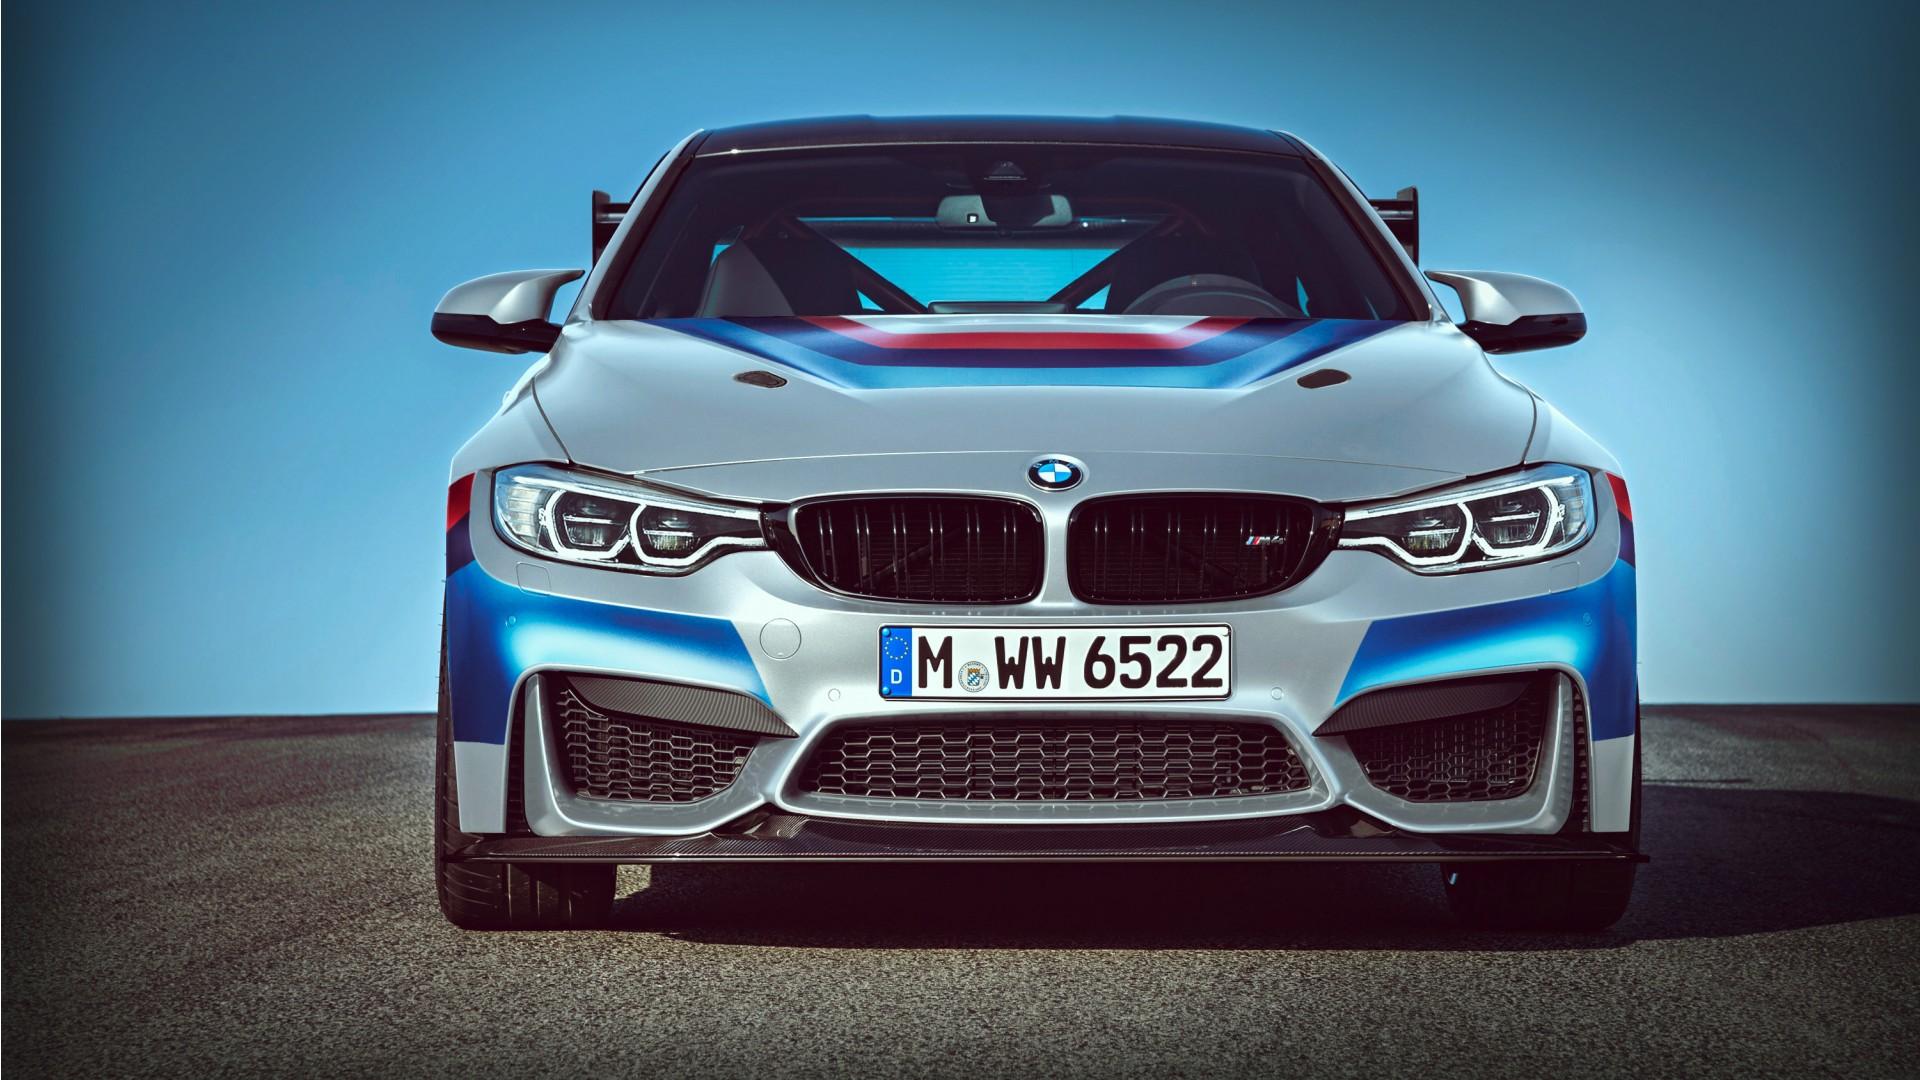 BMW M4 GTS 2017 Wallpaper | HD Car Wallpapers | ID #8107